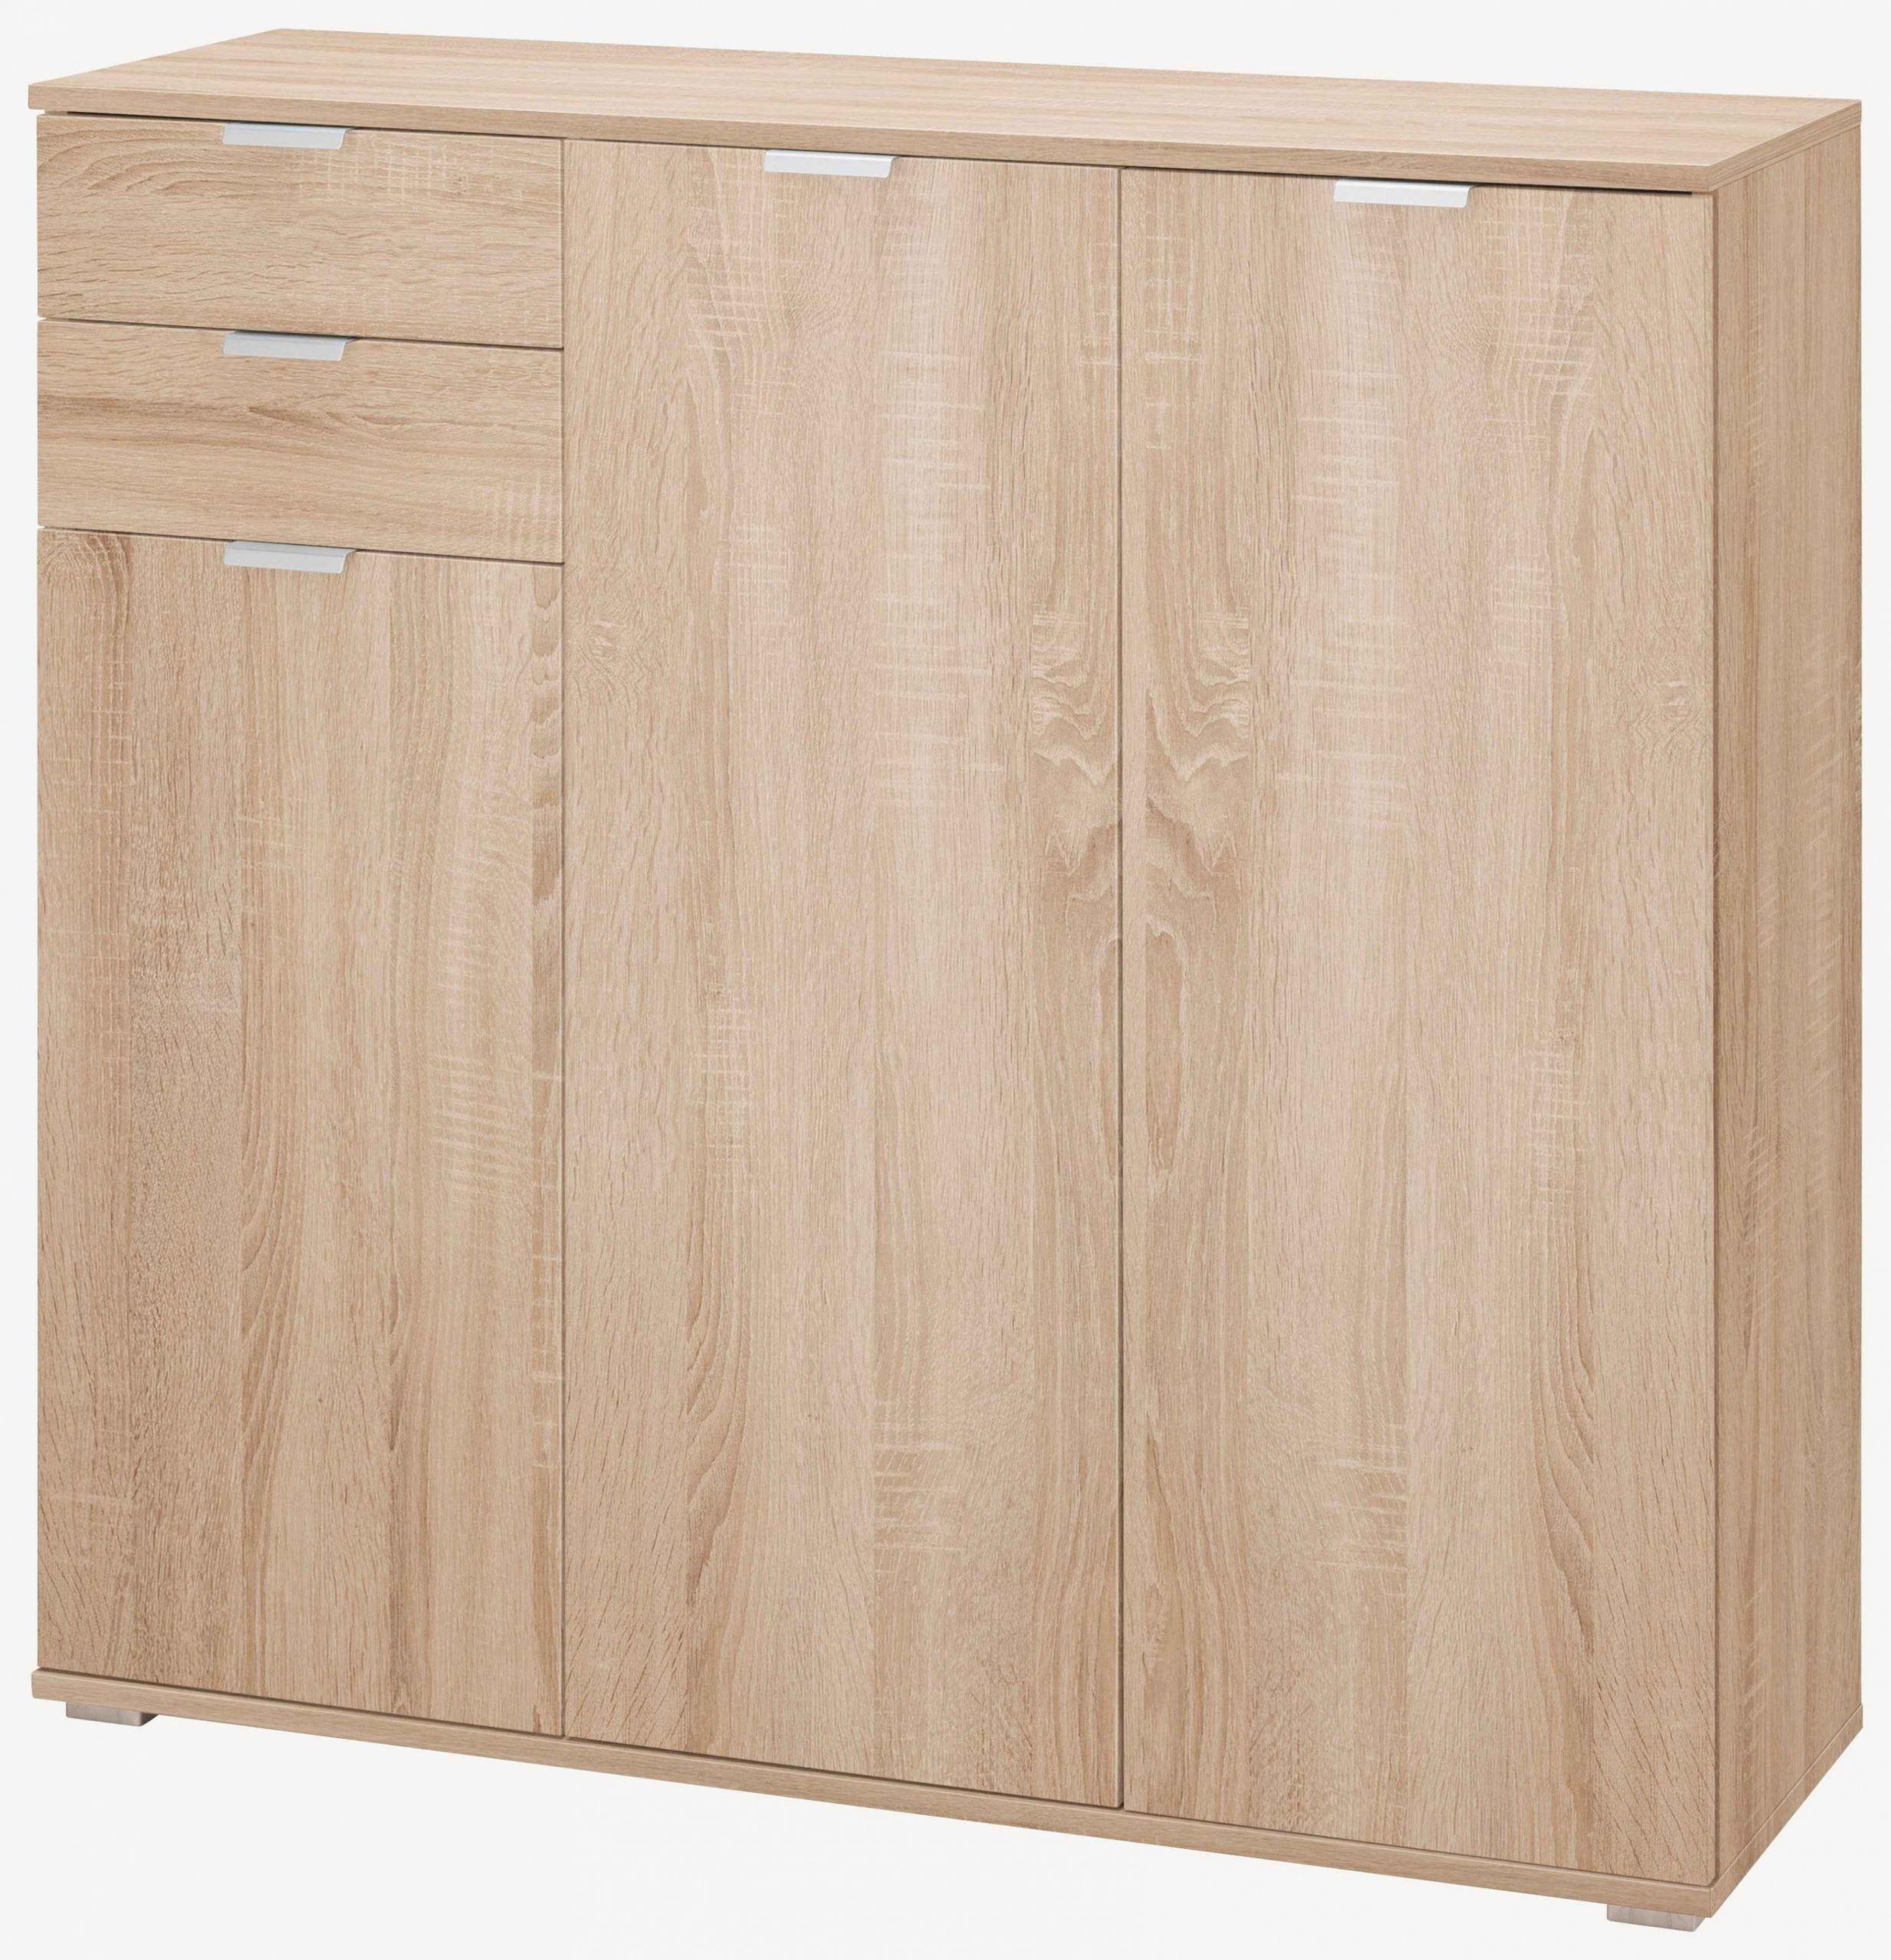 Alte Holzbalken Dekoration Frisch Kommode Streichen Ideen — Temobardz Home Blog